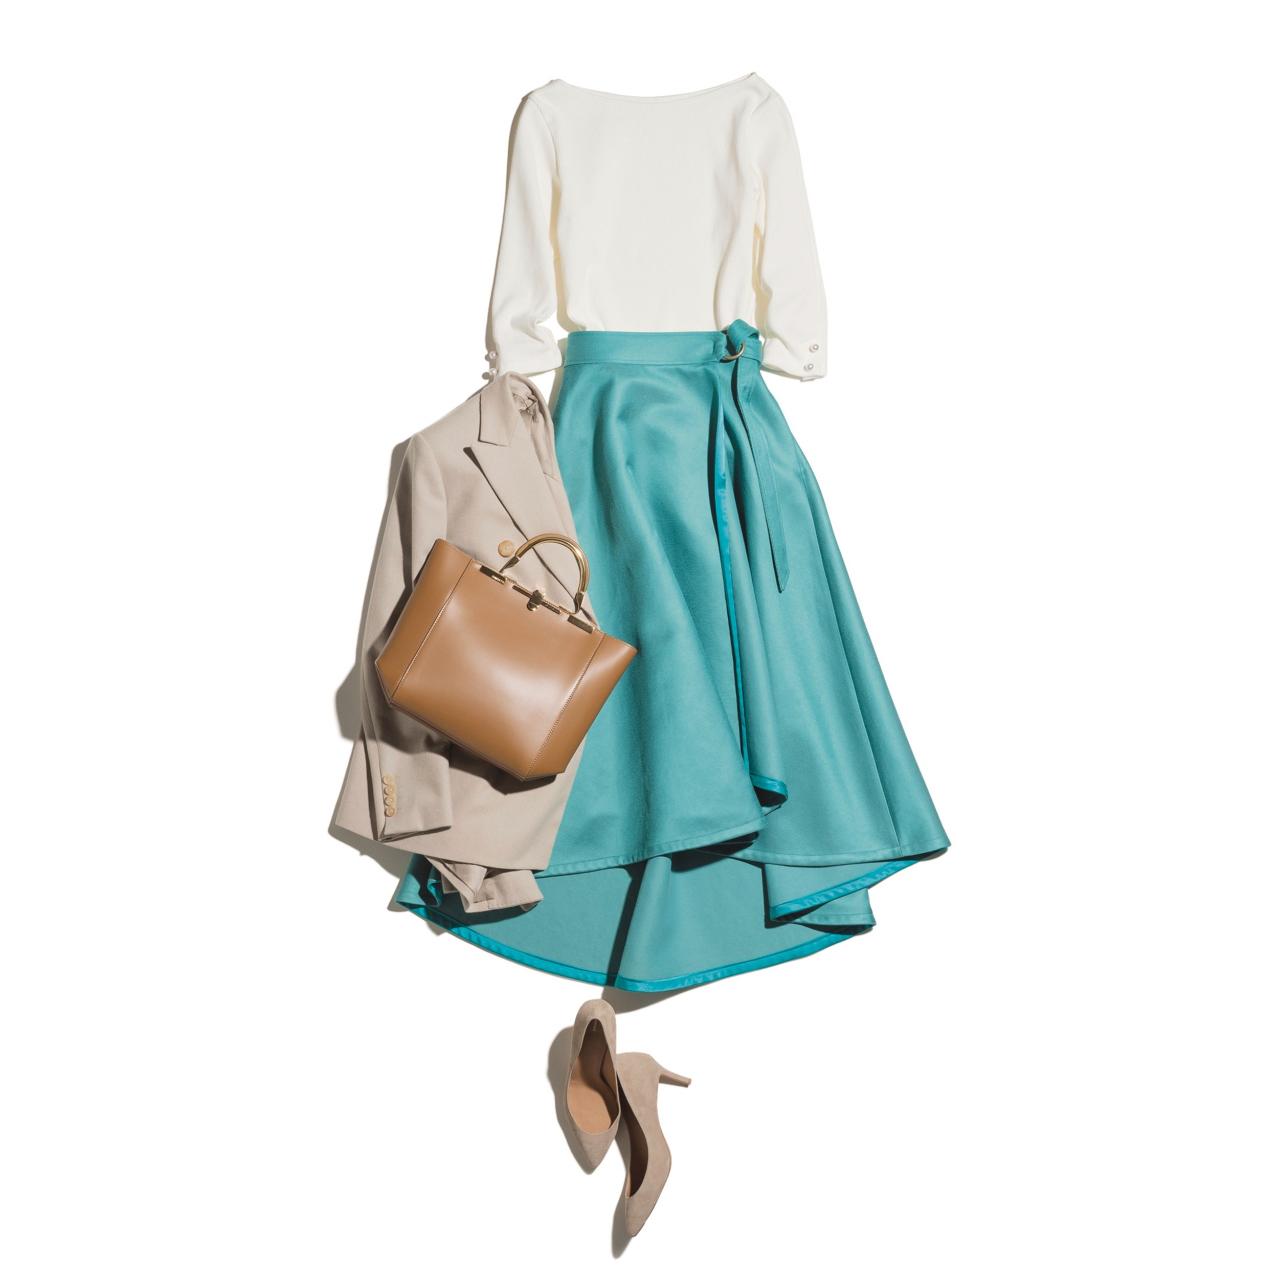 白トップス×ターコイズグリーンのスカートコーデ